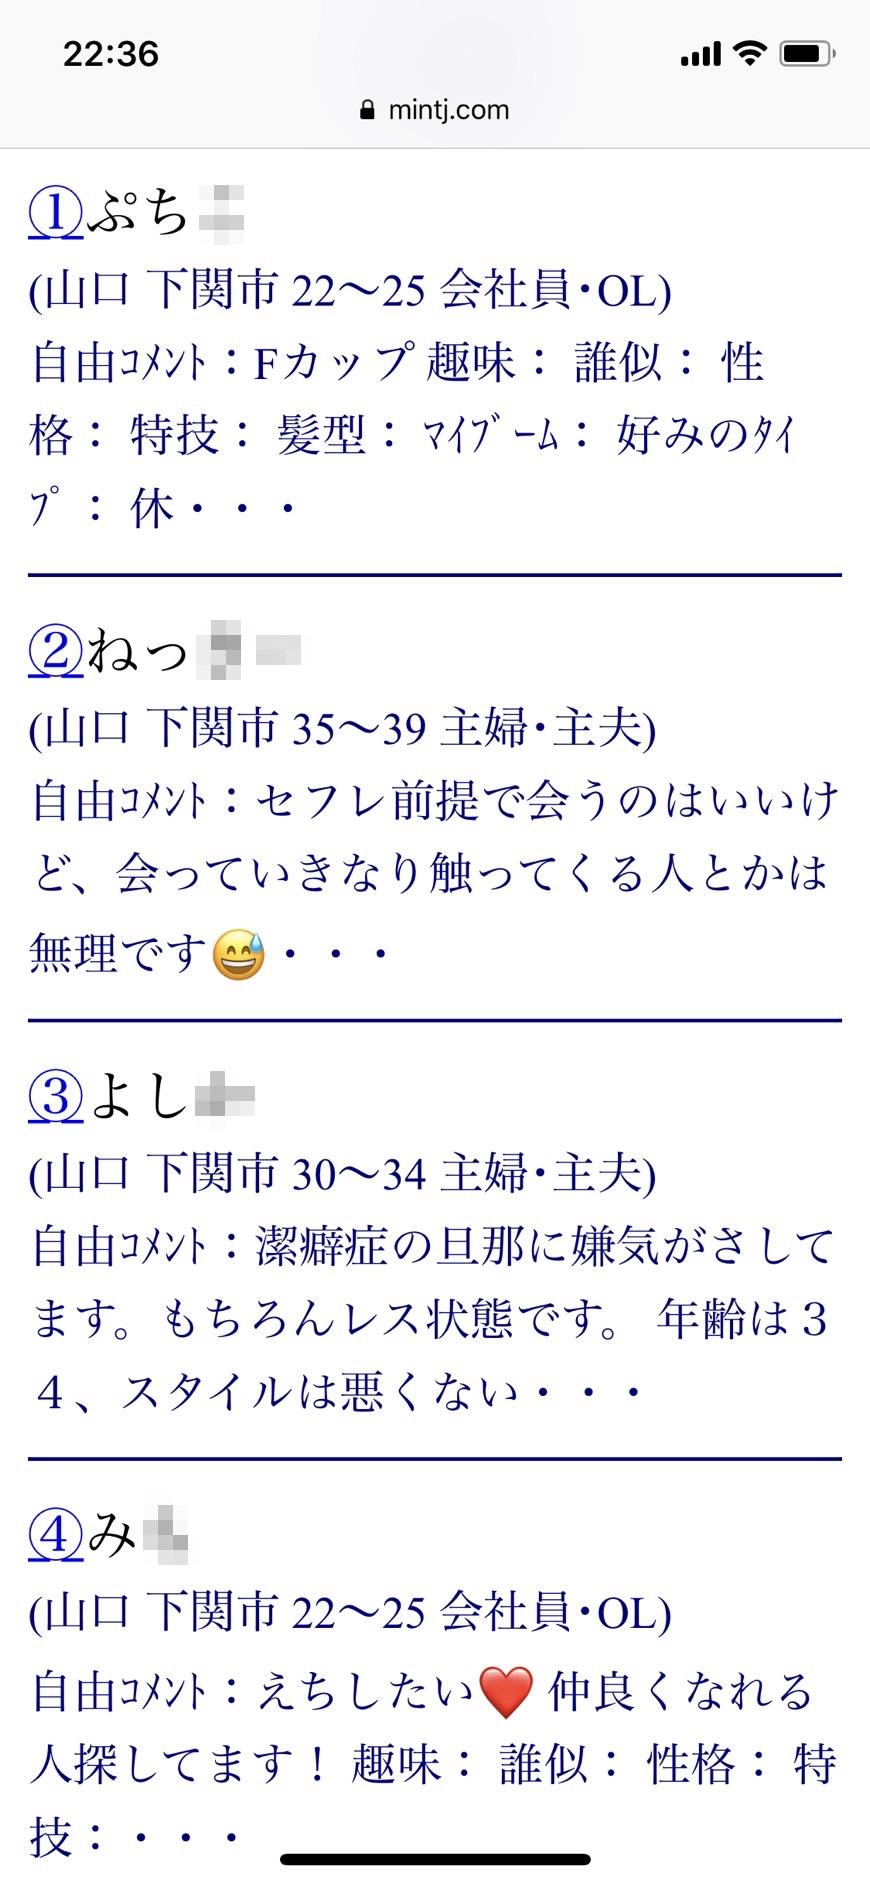 下関・エッチ(Jメール)